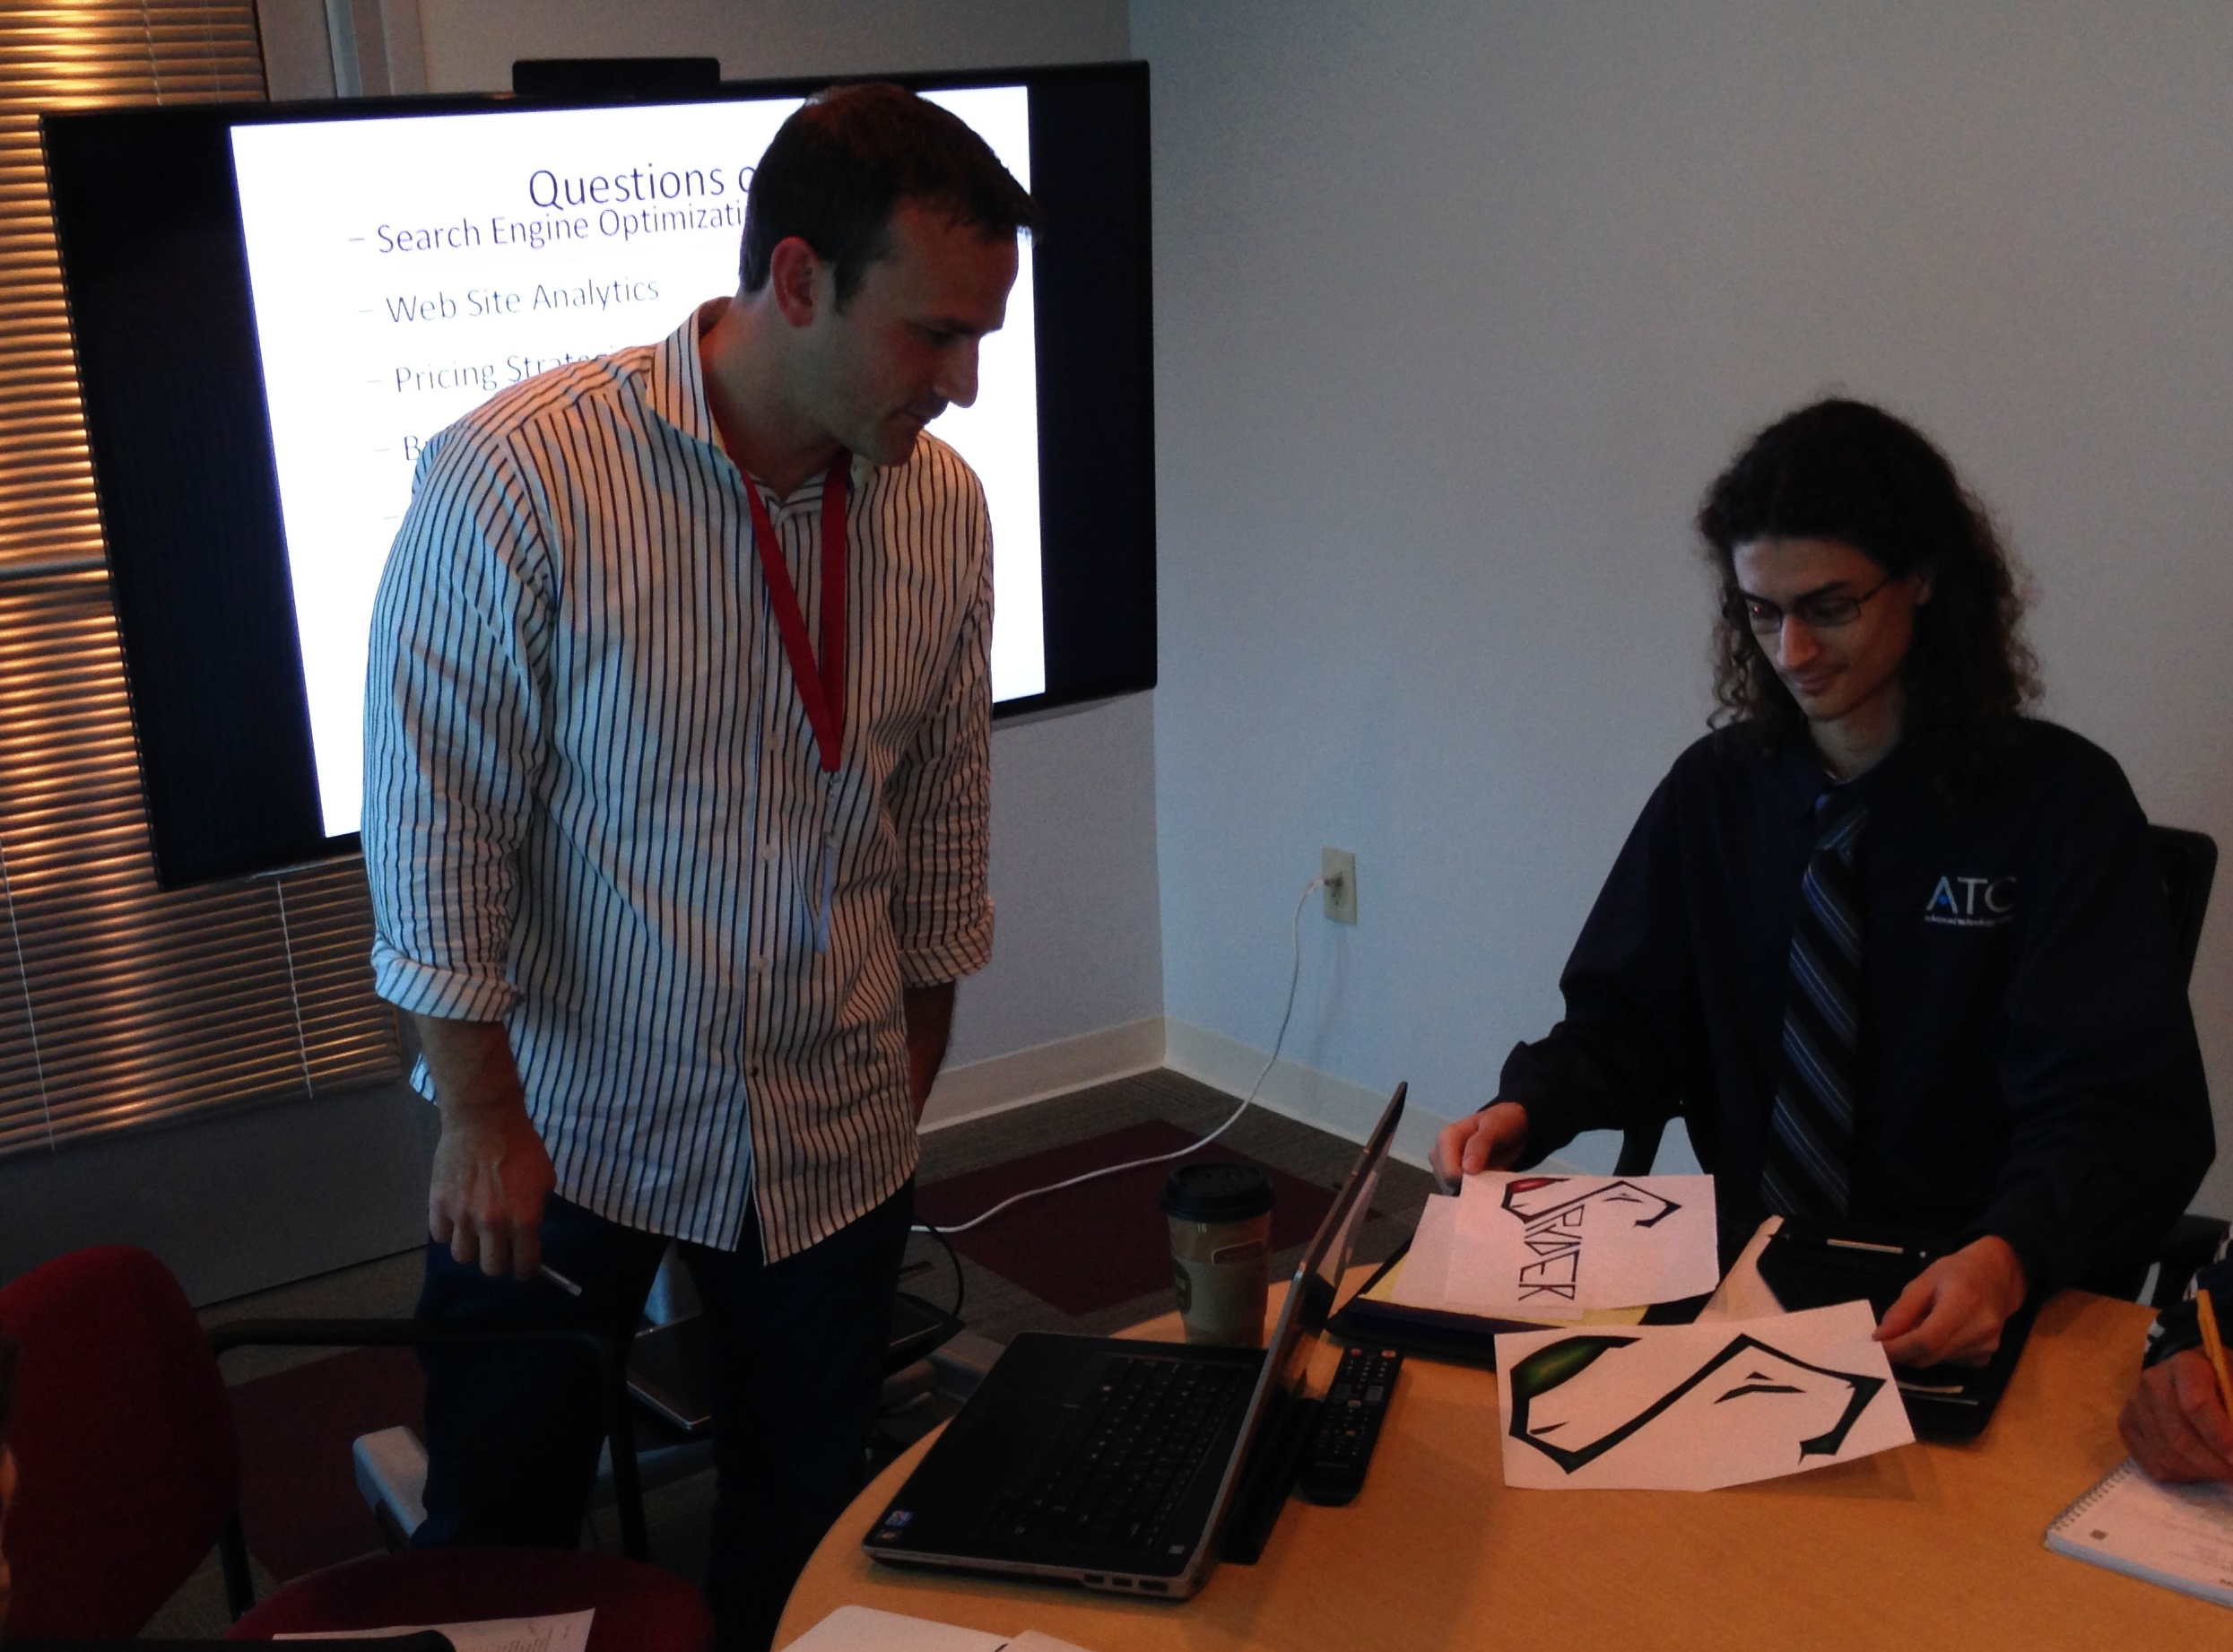 Spyder Web & Design team member getting input on logo design.